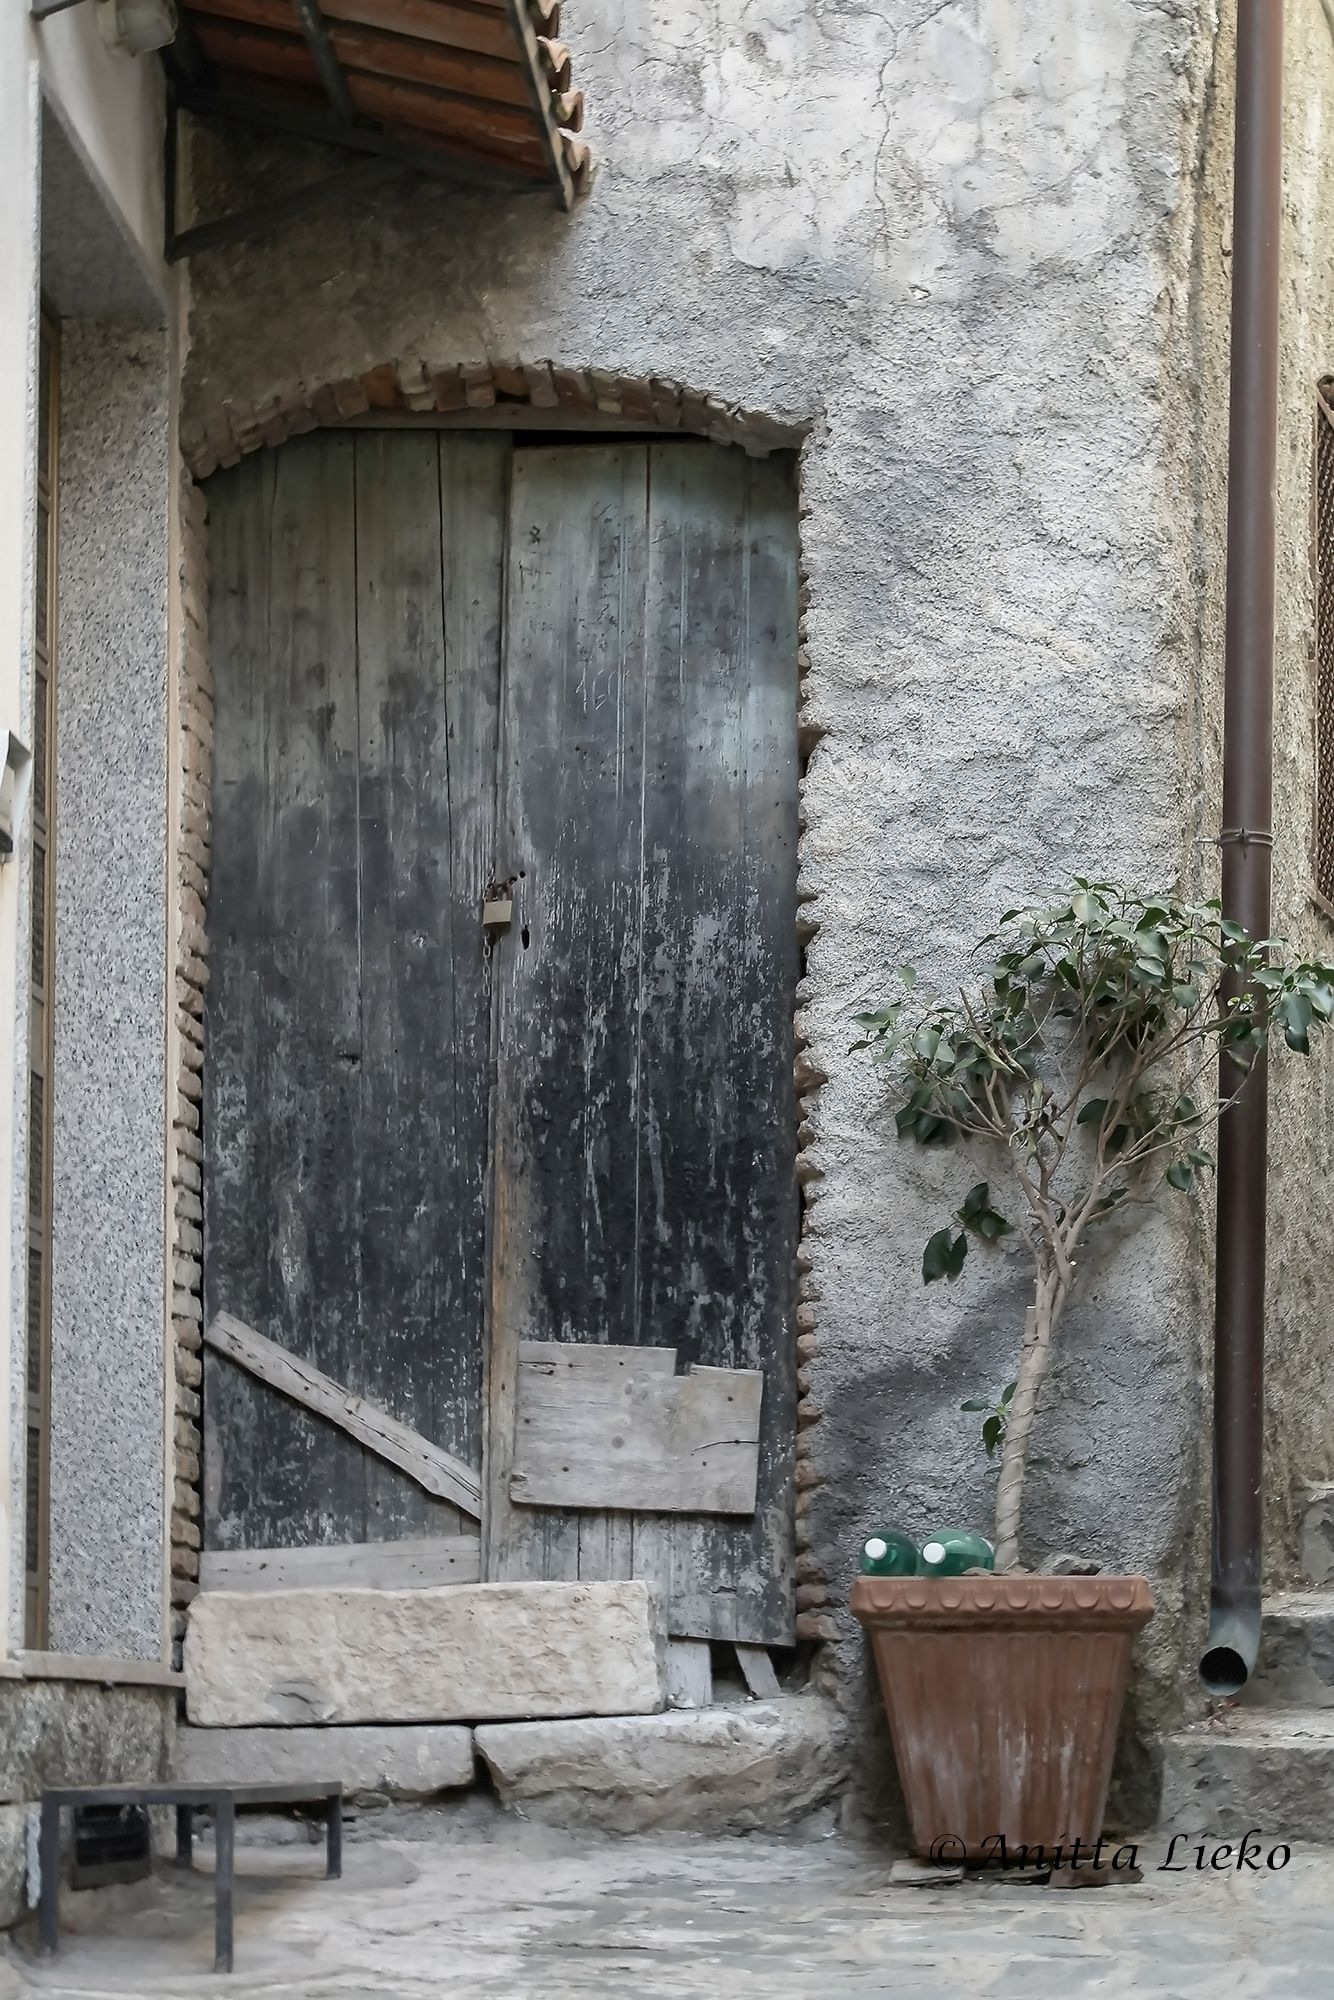 The door to the past by Anitta Lieko